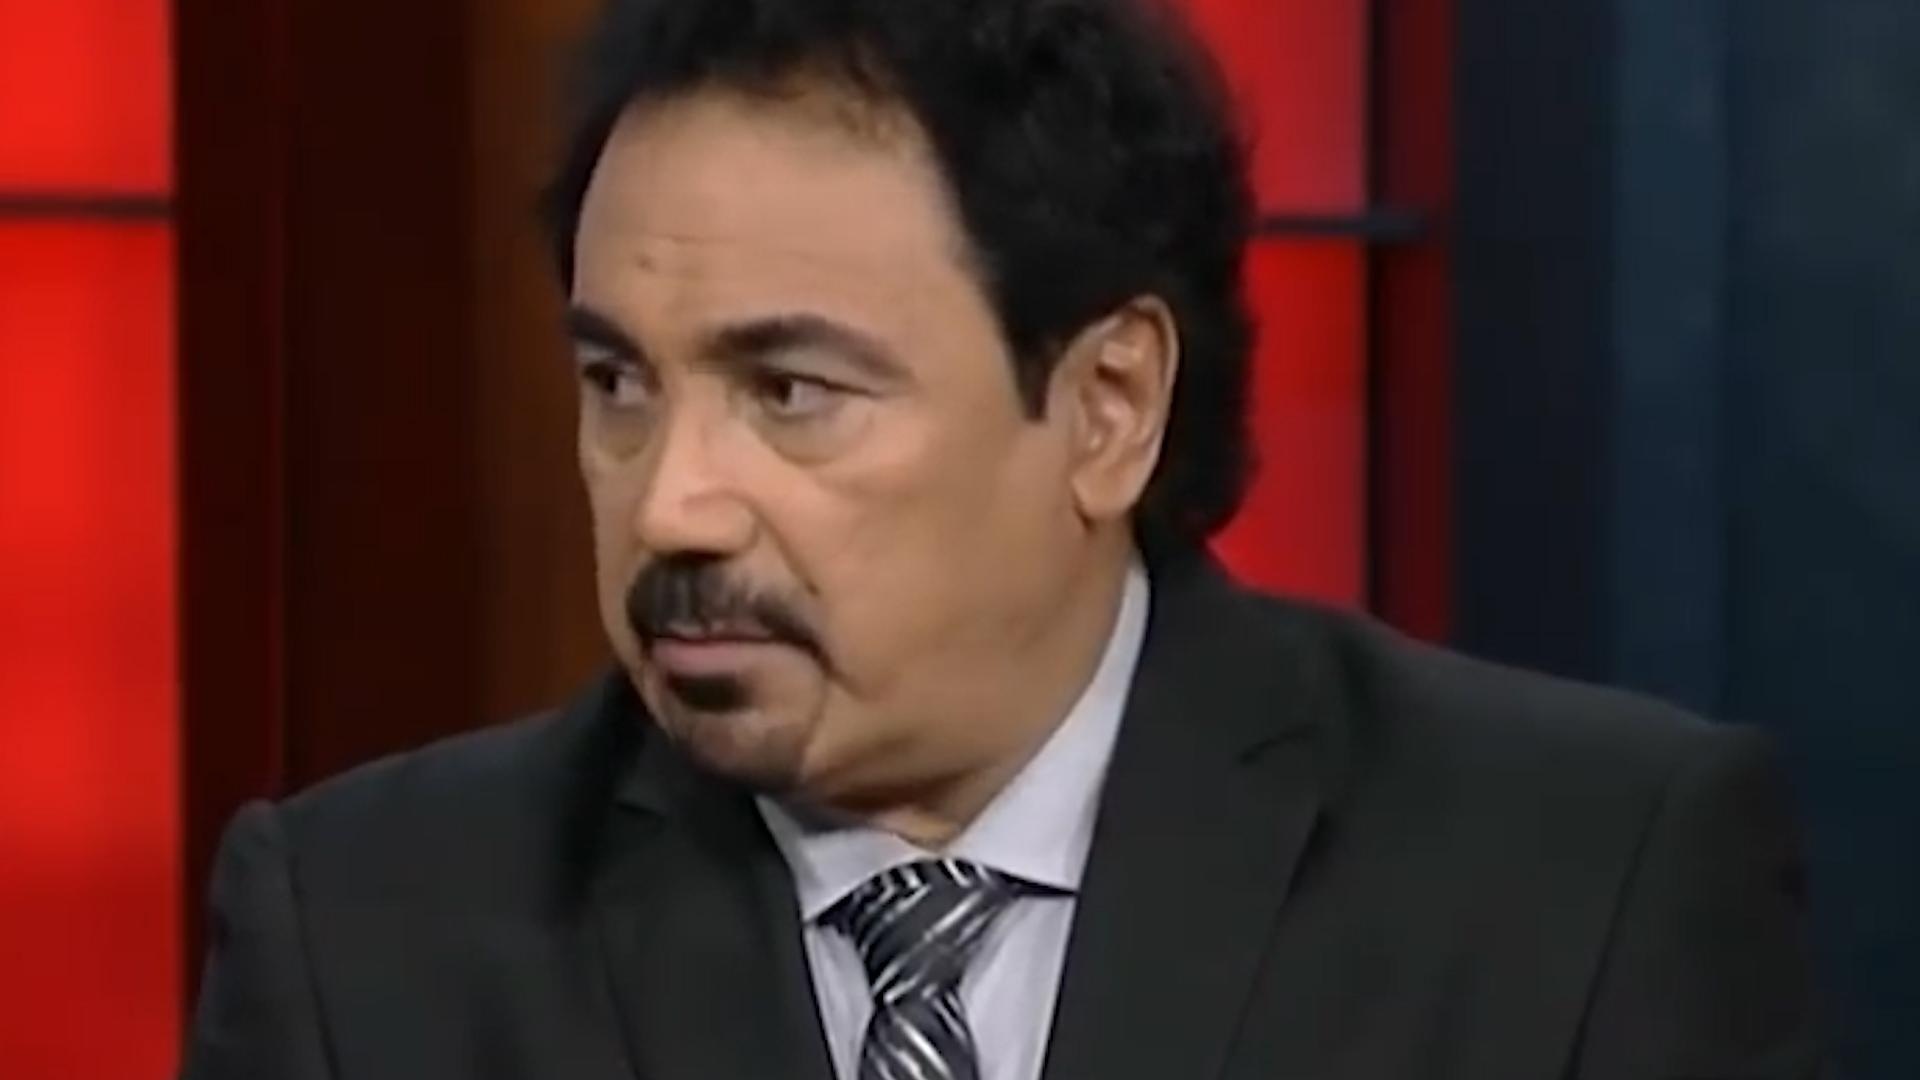 Hugo Sánchez criticó las políticas de la Selección Mexicana (Foto: Archivo)